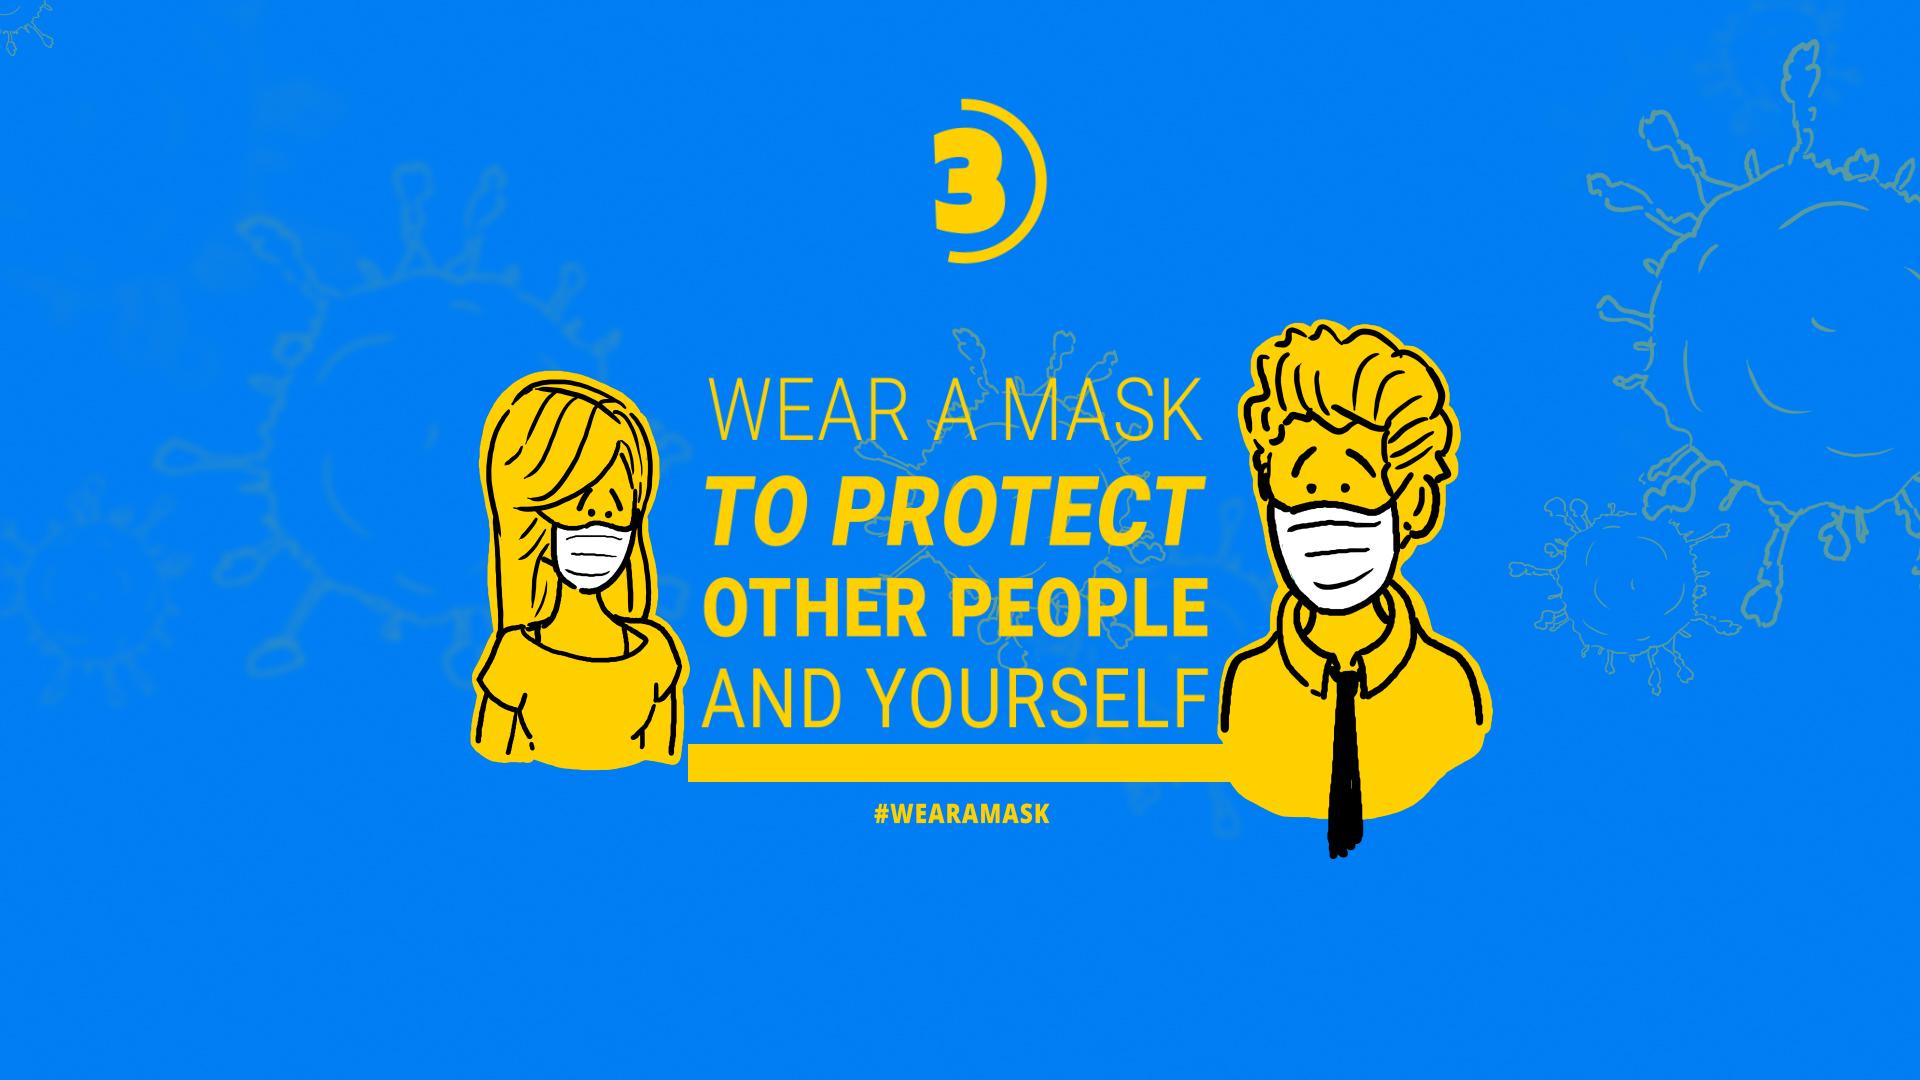 Coronavirus Animation Stay Safe - 3